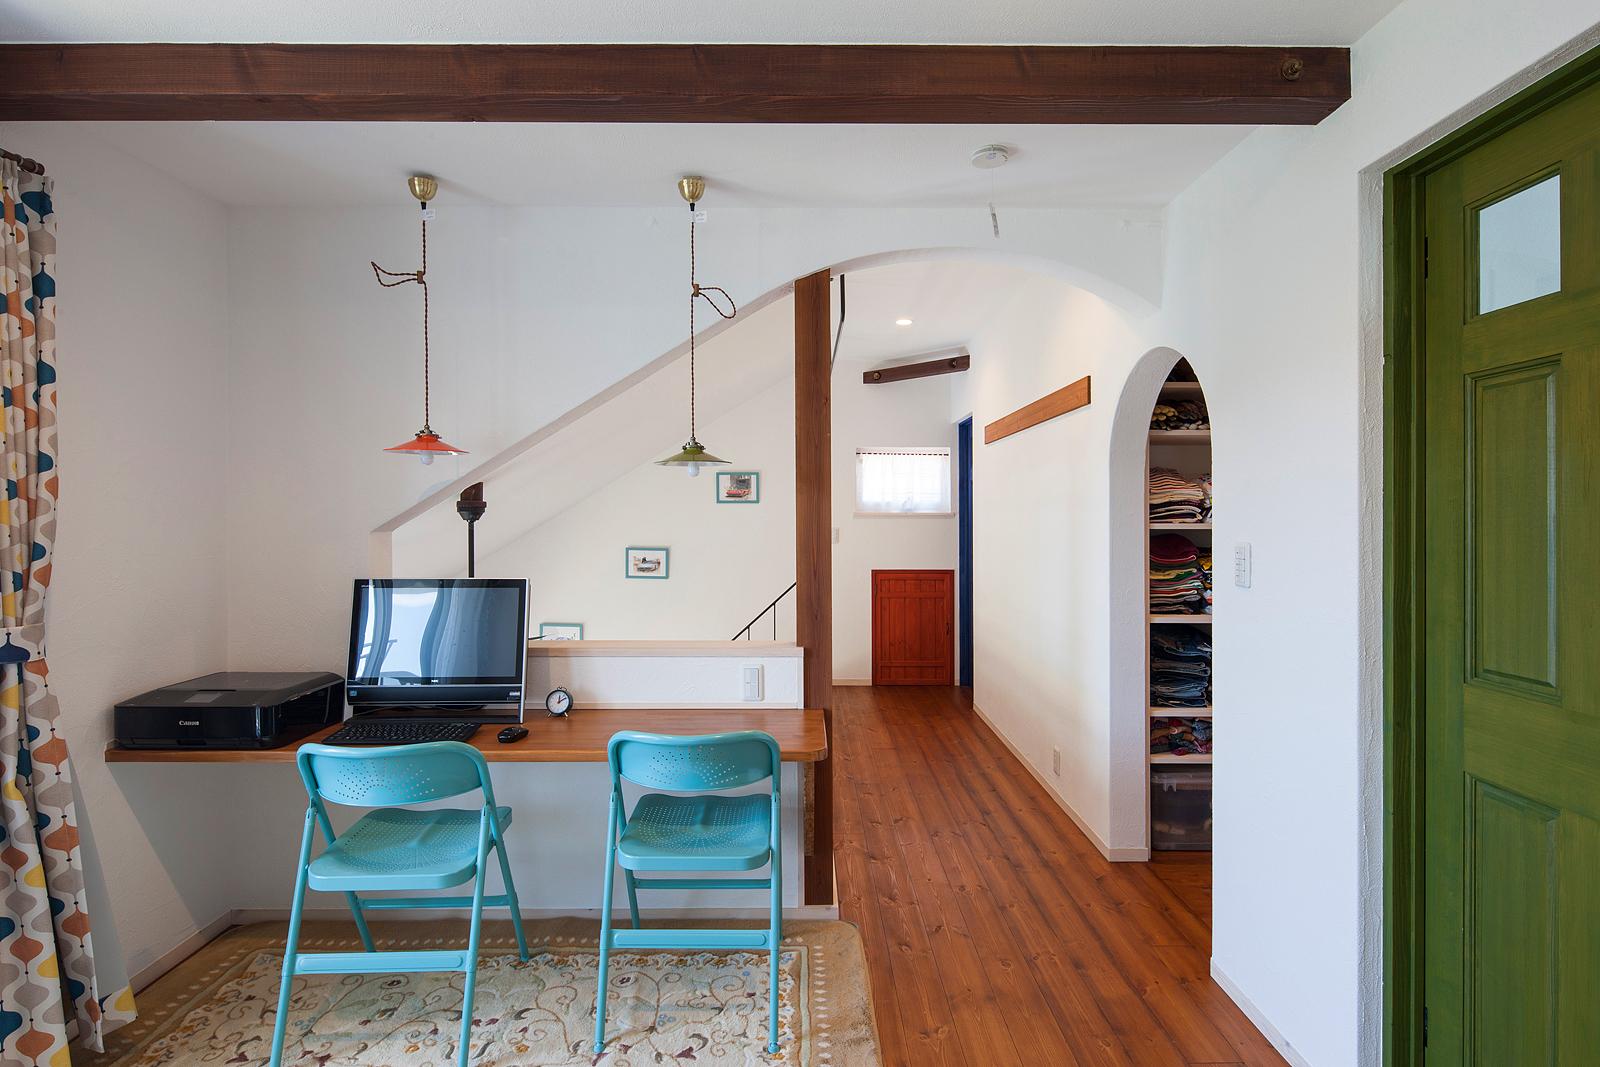 2階ホールは、カウンターテーブルのほかにソファも置いて、セカンドリビング的に。冬は薪ストーブで暖か